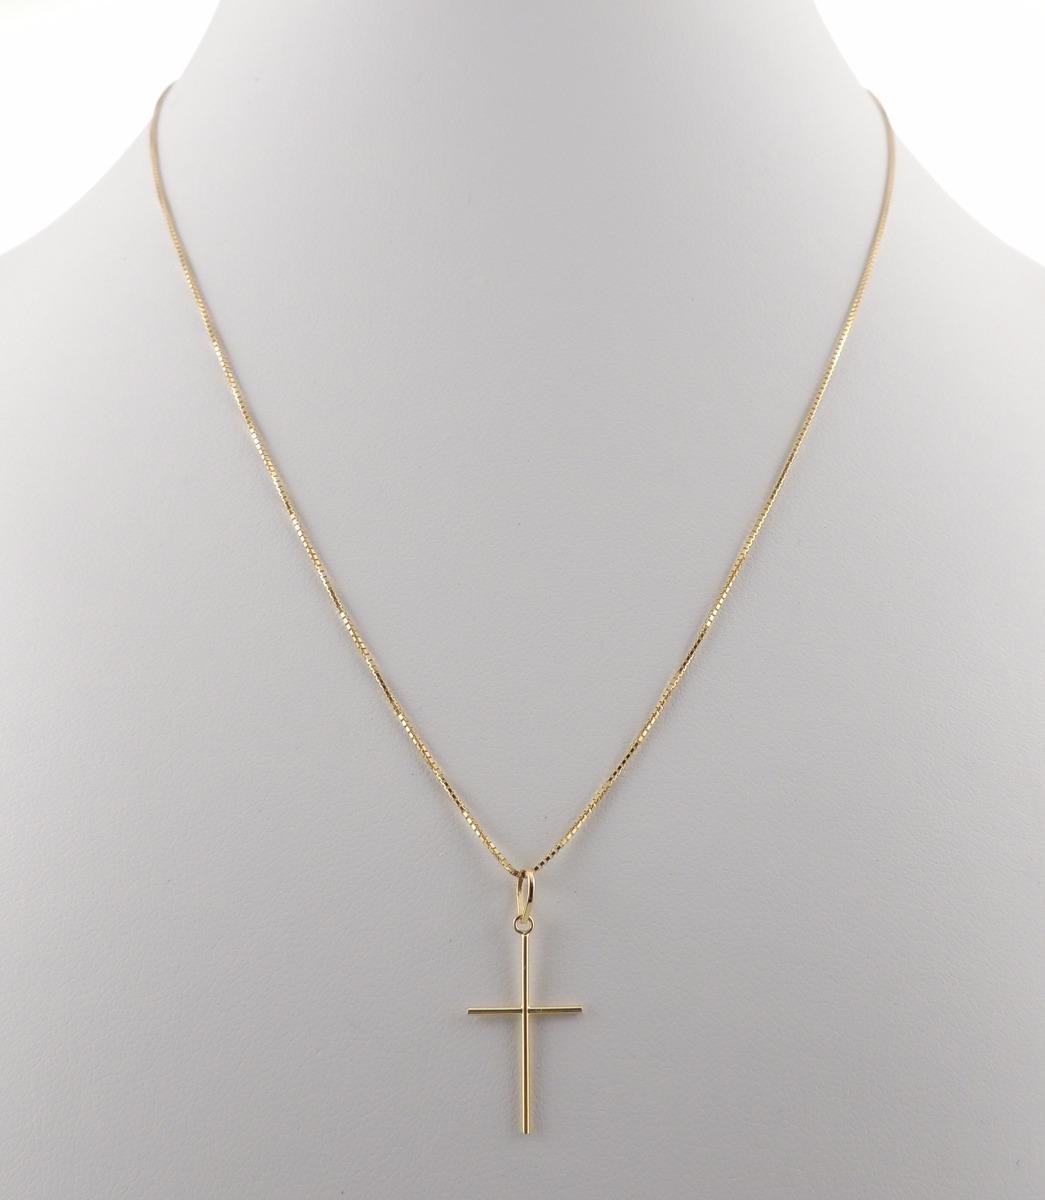 38bbbe8d2a4 cordão masculino veneziana + pingente crucifixo ouro 18k 750. Carregando  zoom.